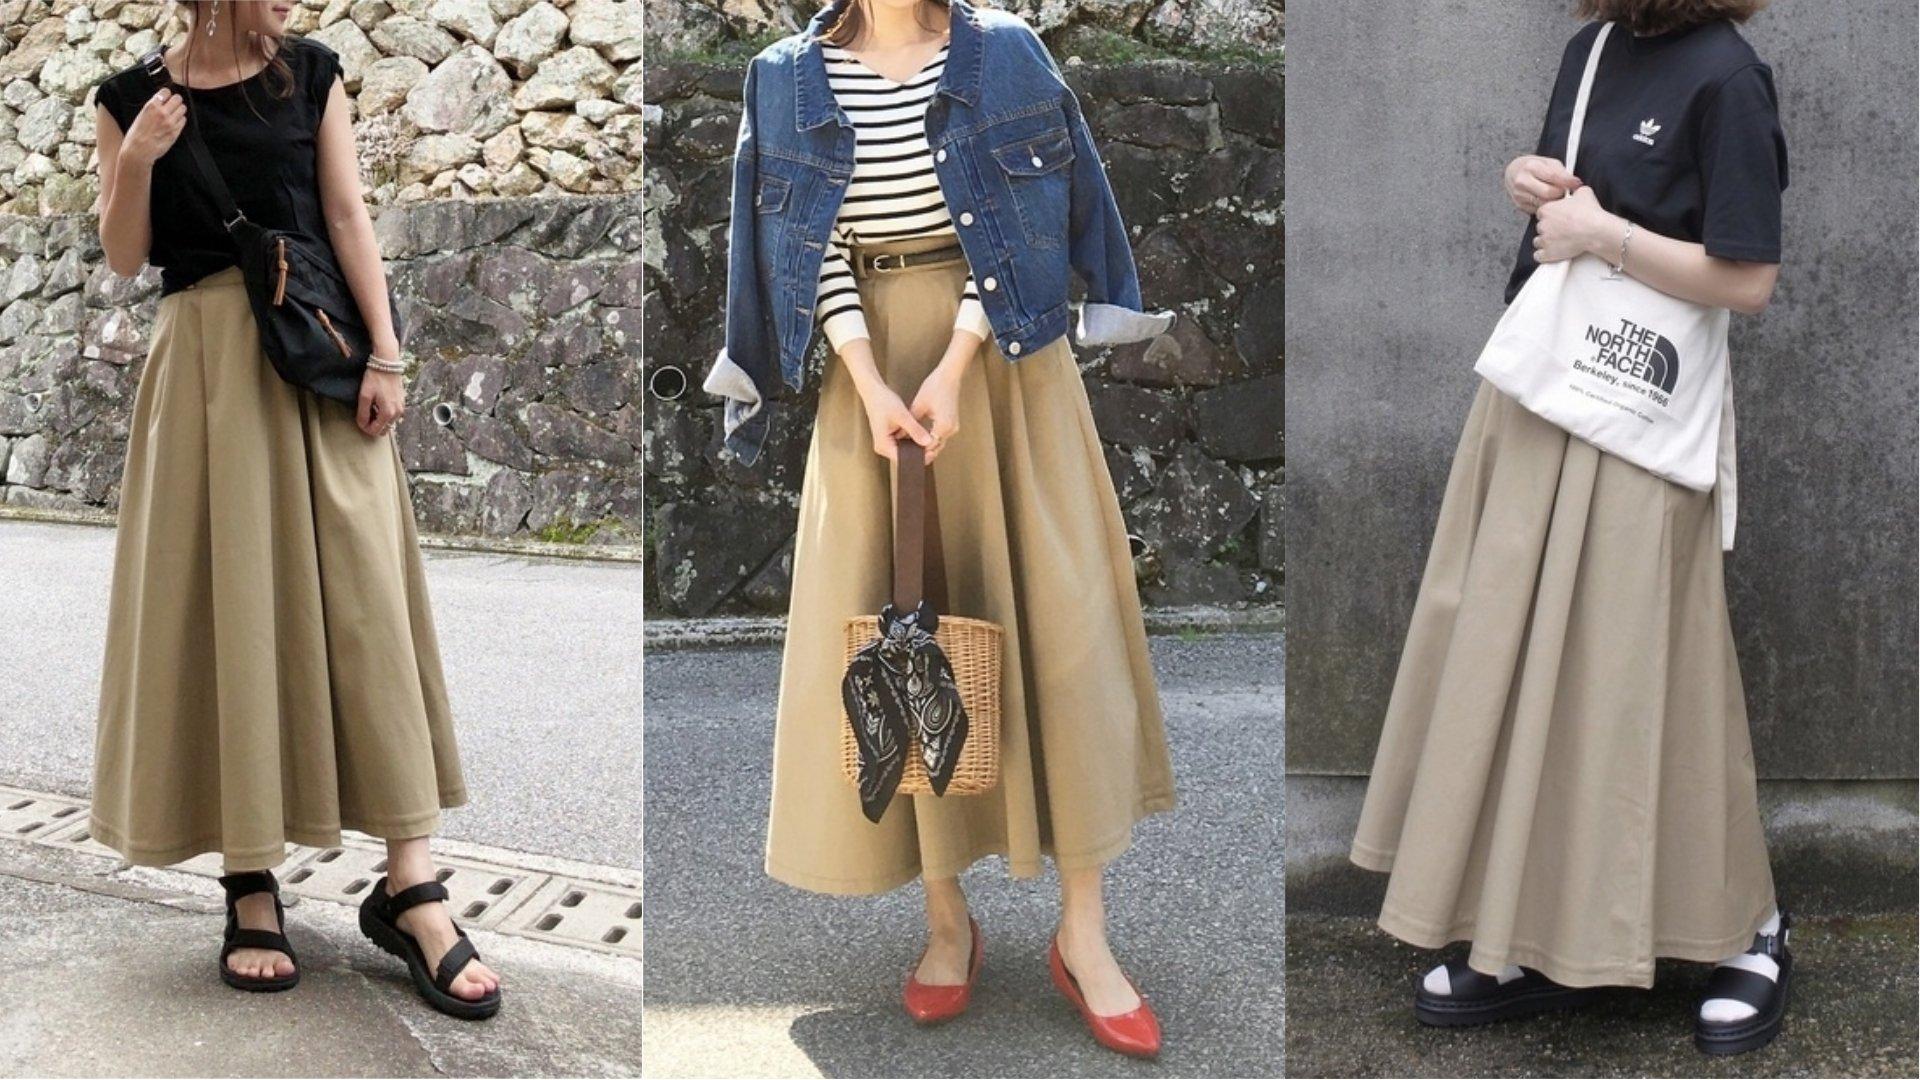 絕對百搭!用一條卡其長裙穿出五套日系穿搭樣貌